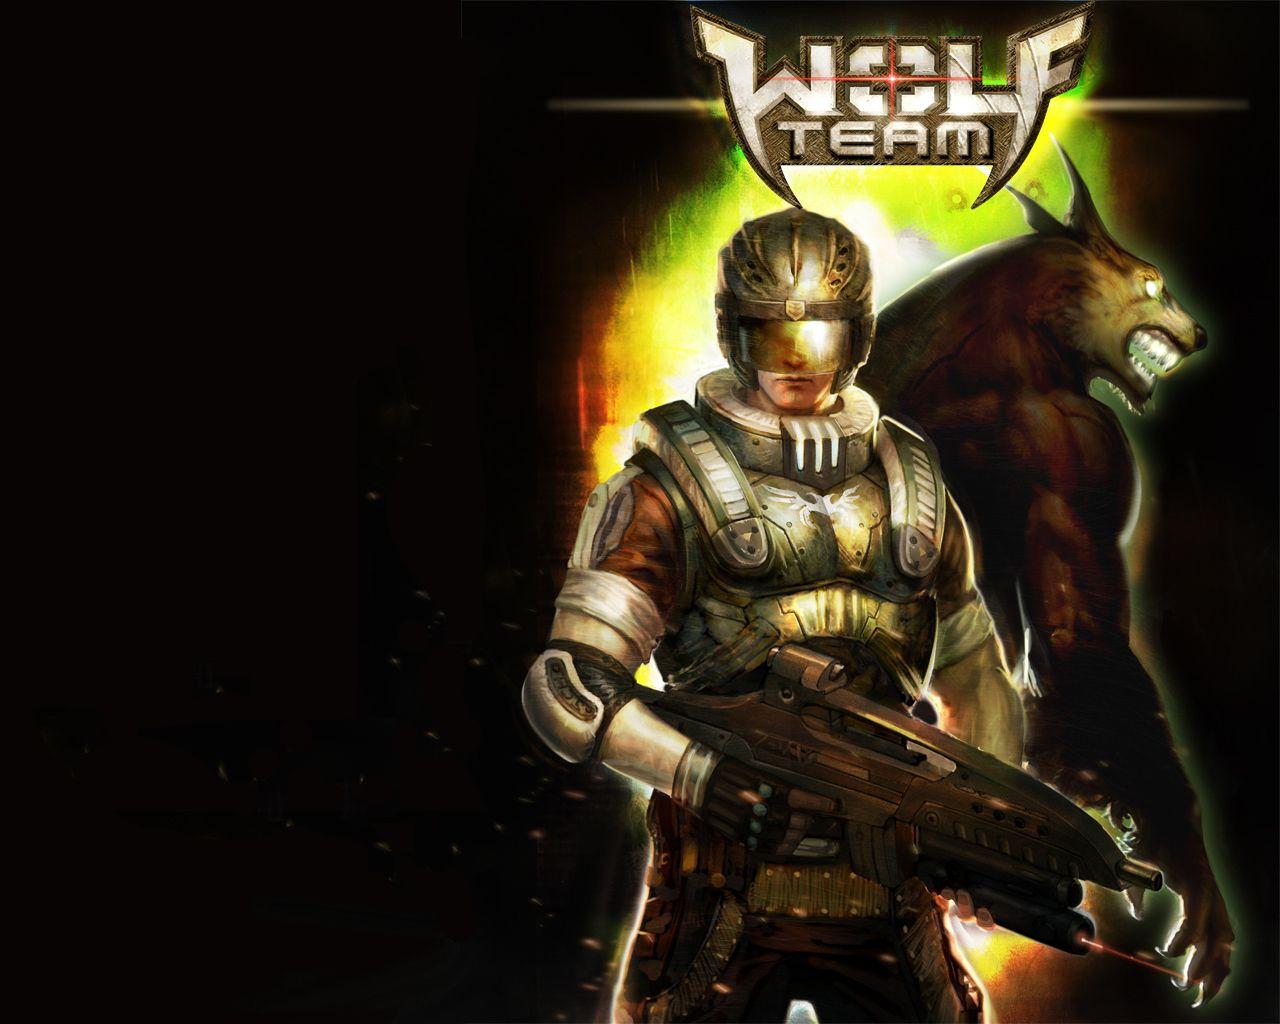 Wolfteam Kostenlos Downloaden